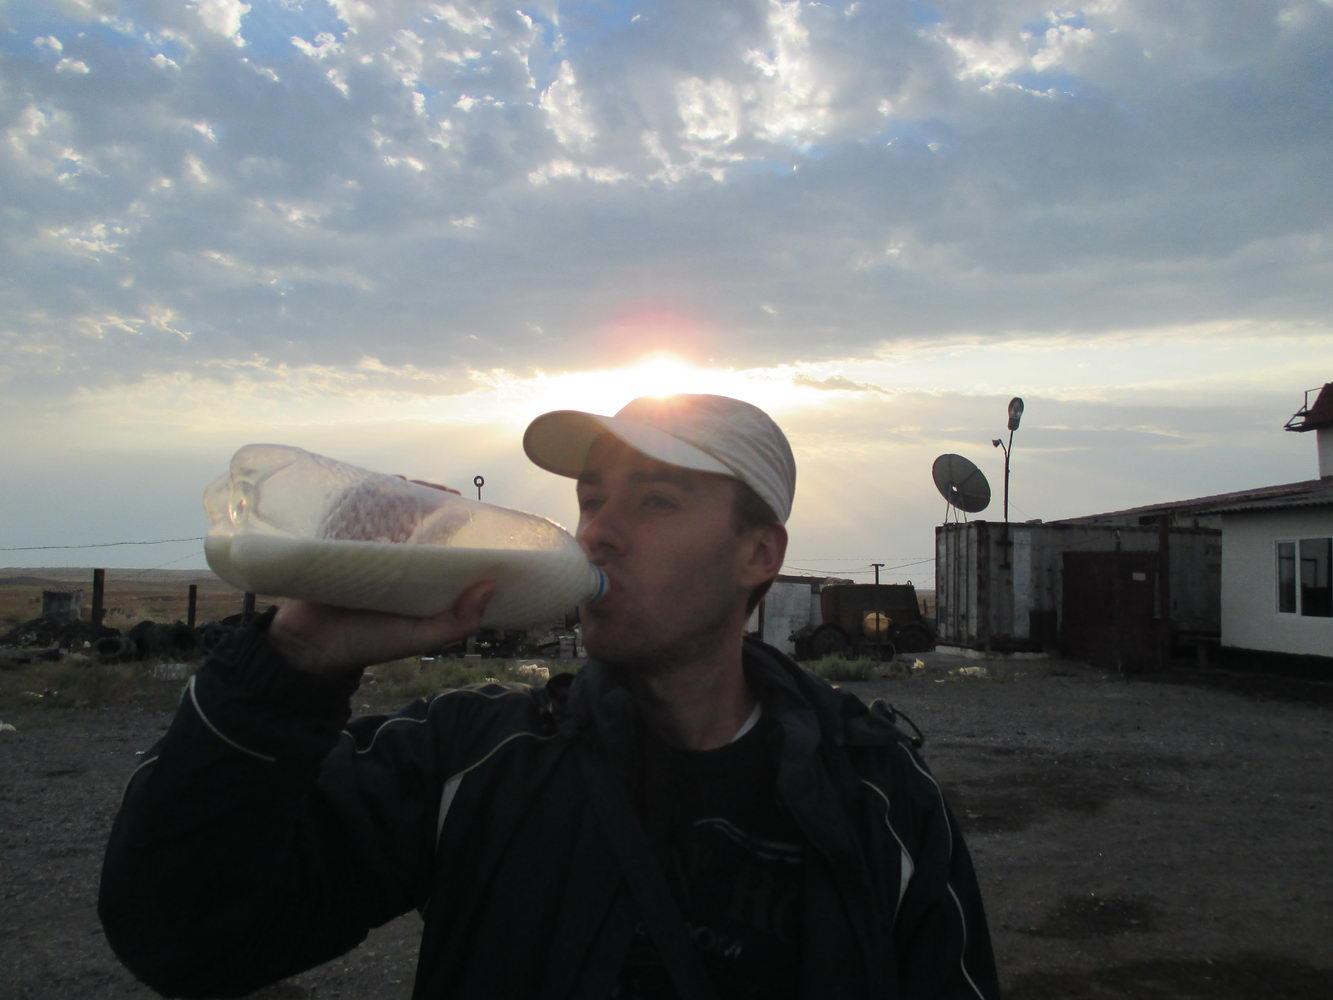 шубат - верблюжье молоко. по дороге на балхаш. казахстан